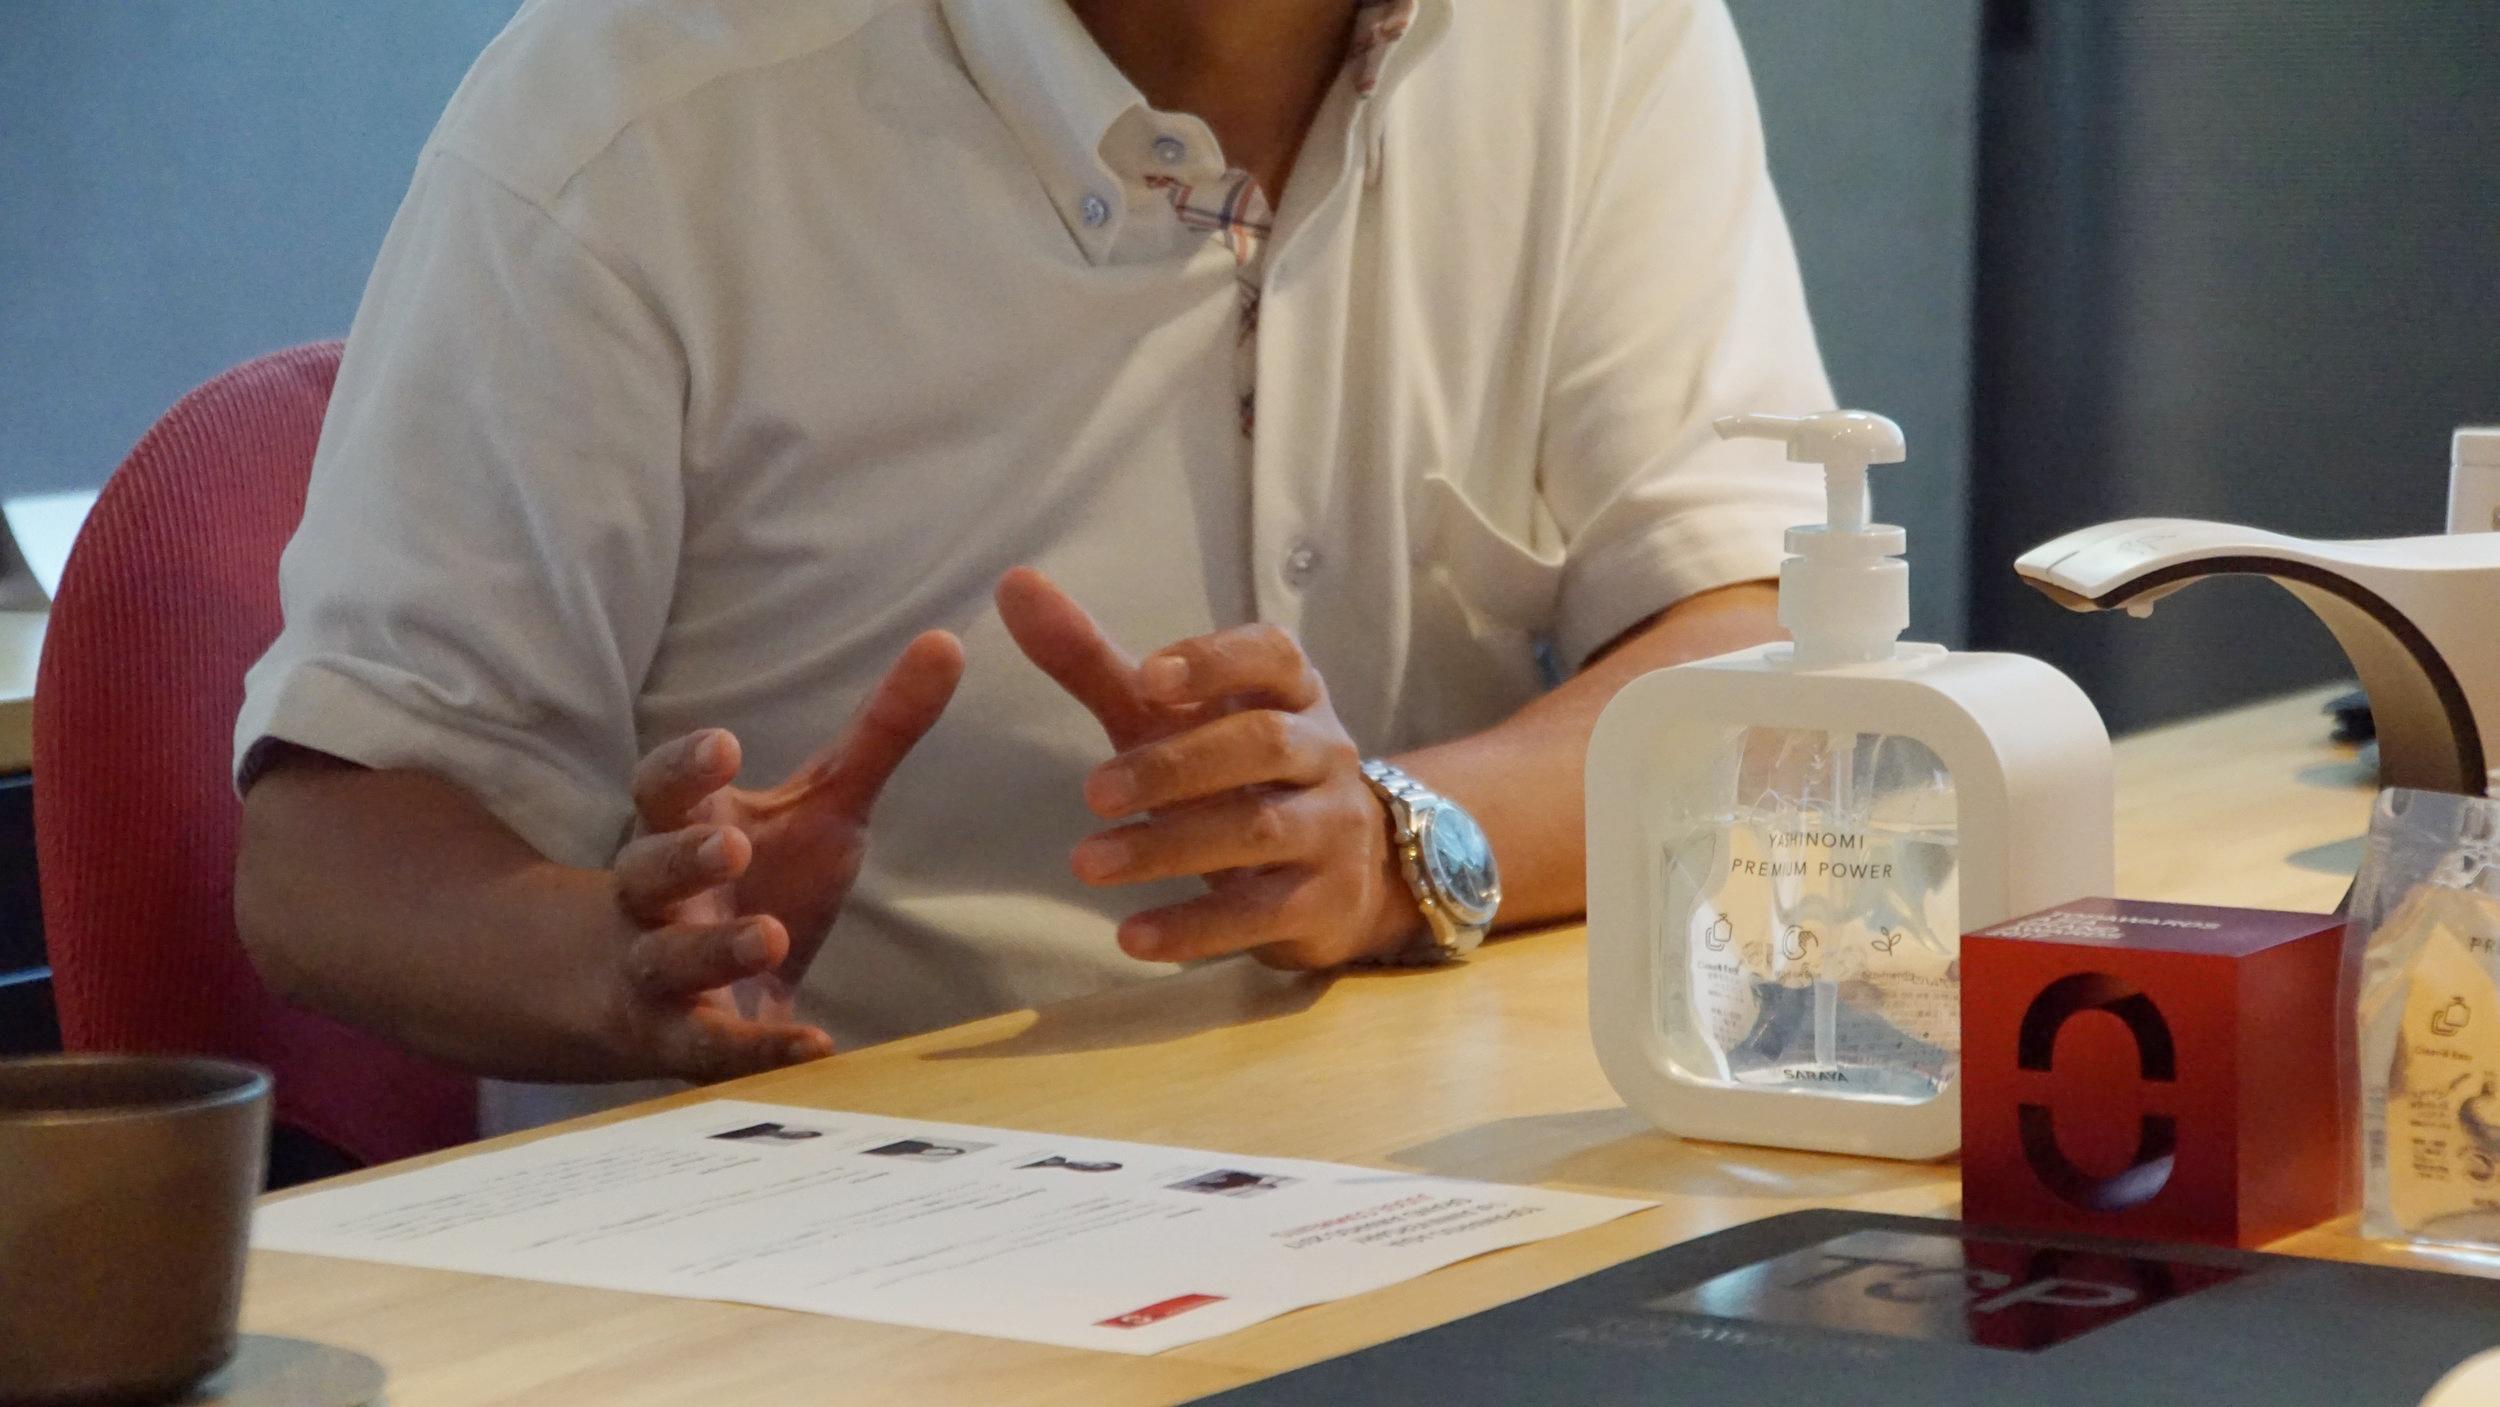 Interview #4 • Yashinomi Detergent Premium Power -